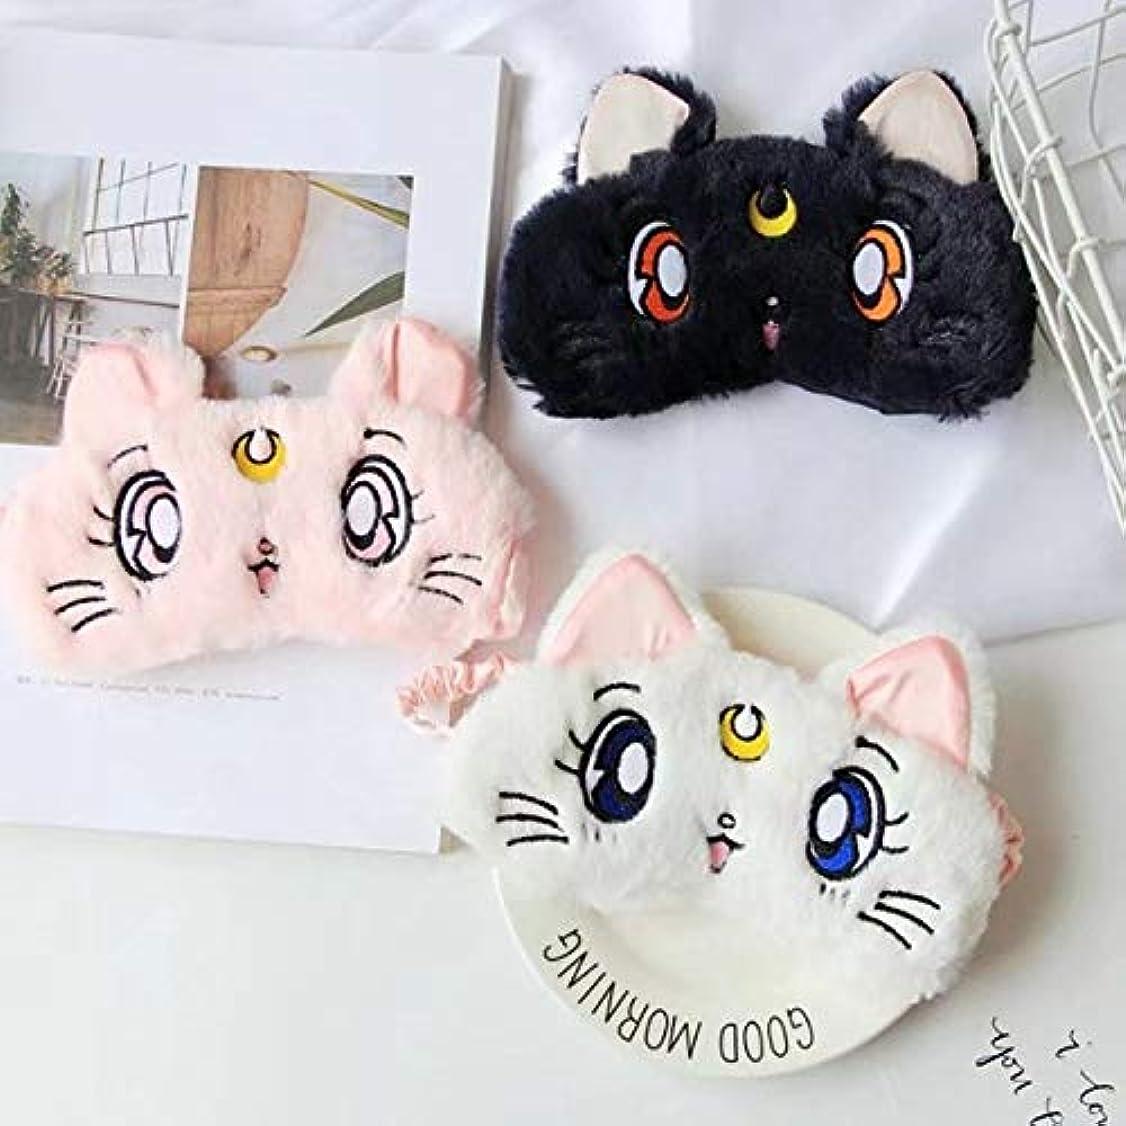 シダとは異なり遅い注3色ルナオプションの睡眠マスクソフトアイシェード3d猫セーラームーンスリーピングシェードカバー昼寝漫画ぬいぐるみアイパッチでアイスバッグ